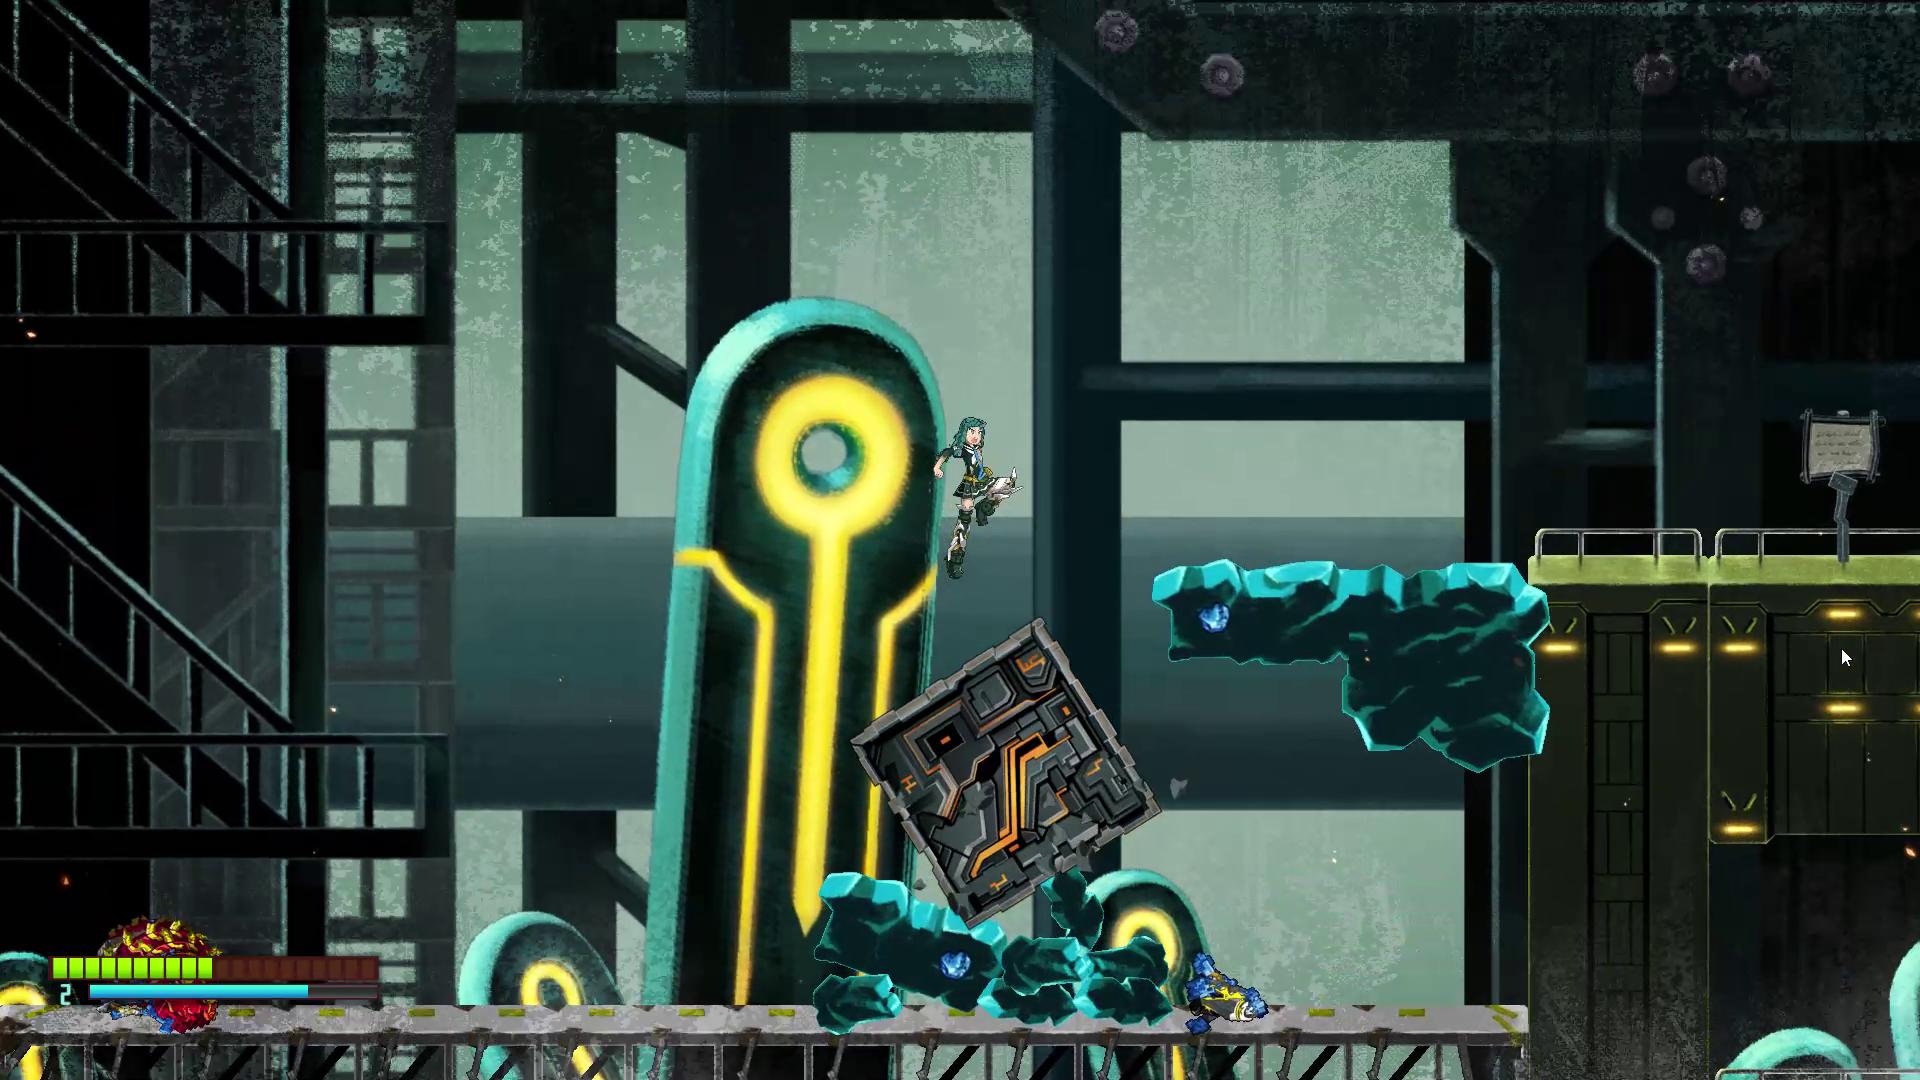 レイカのもう一つの力が、ガレキから道具や武器を作り出す「アルケー」能力。巨大なブロックを作り、足場にしたりボタンを押す重しにしたりできる